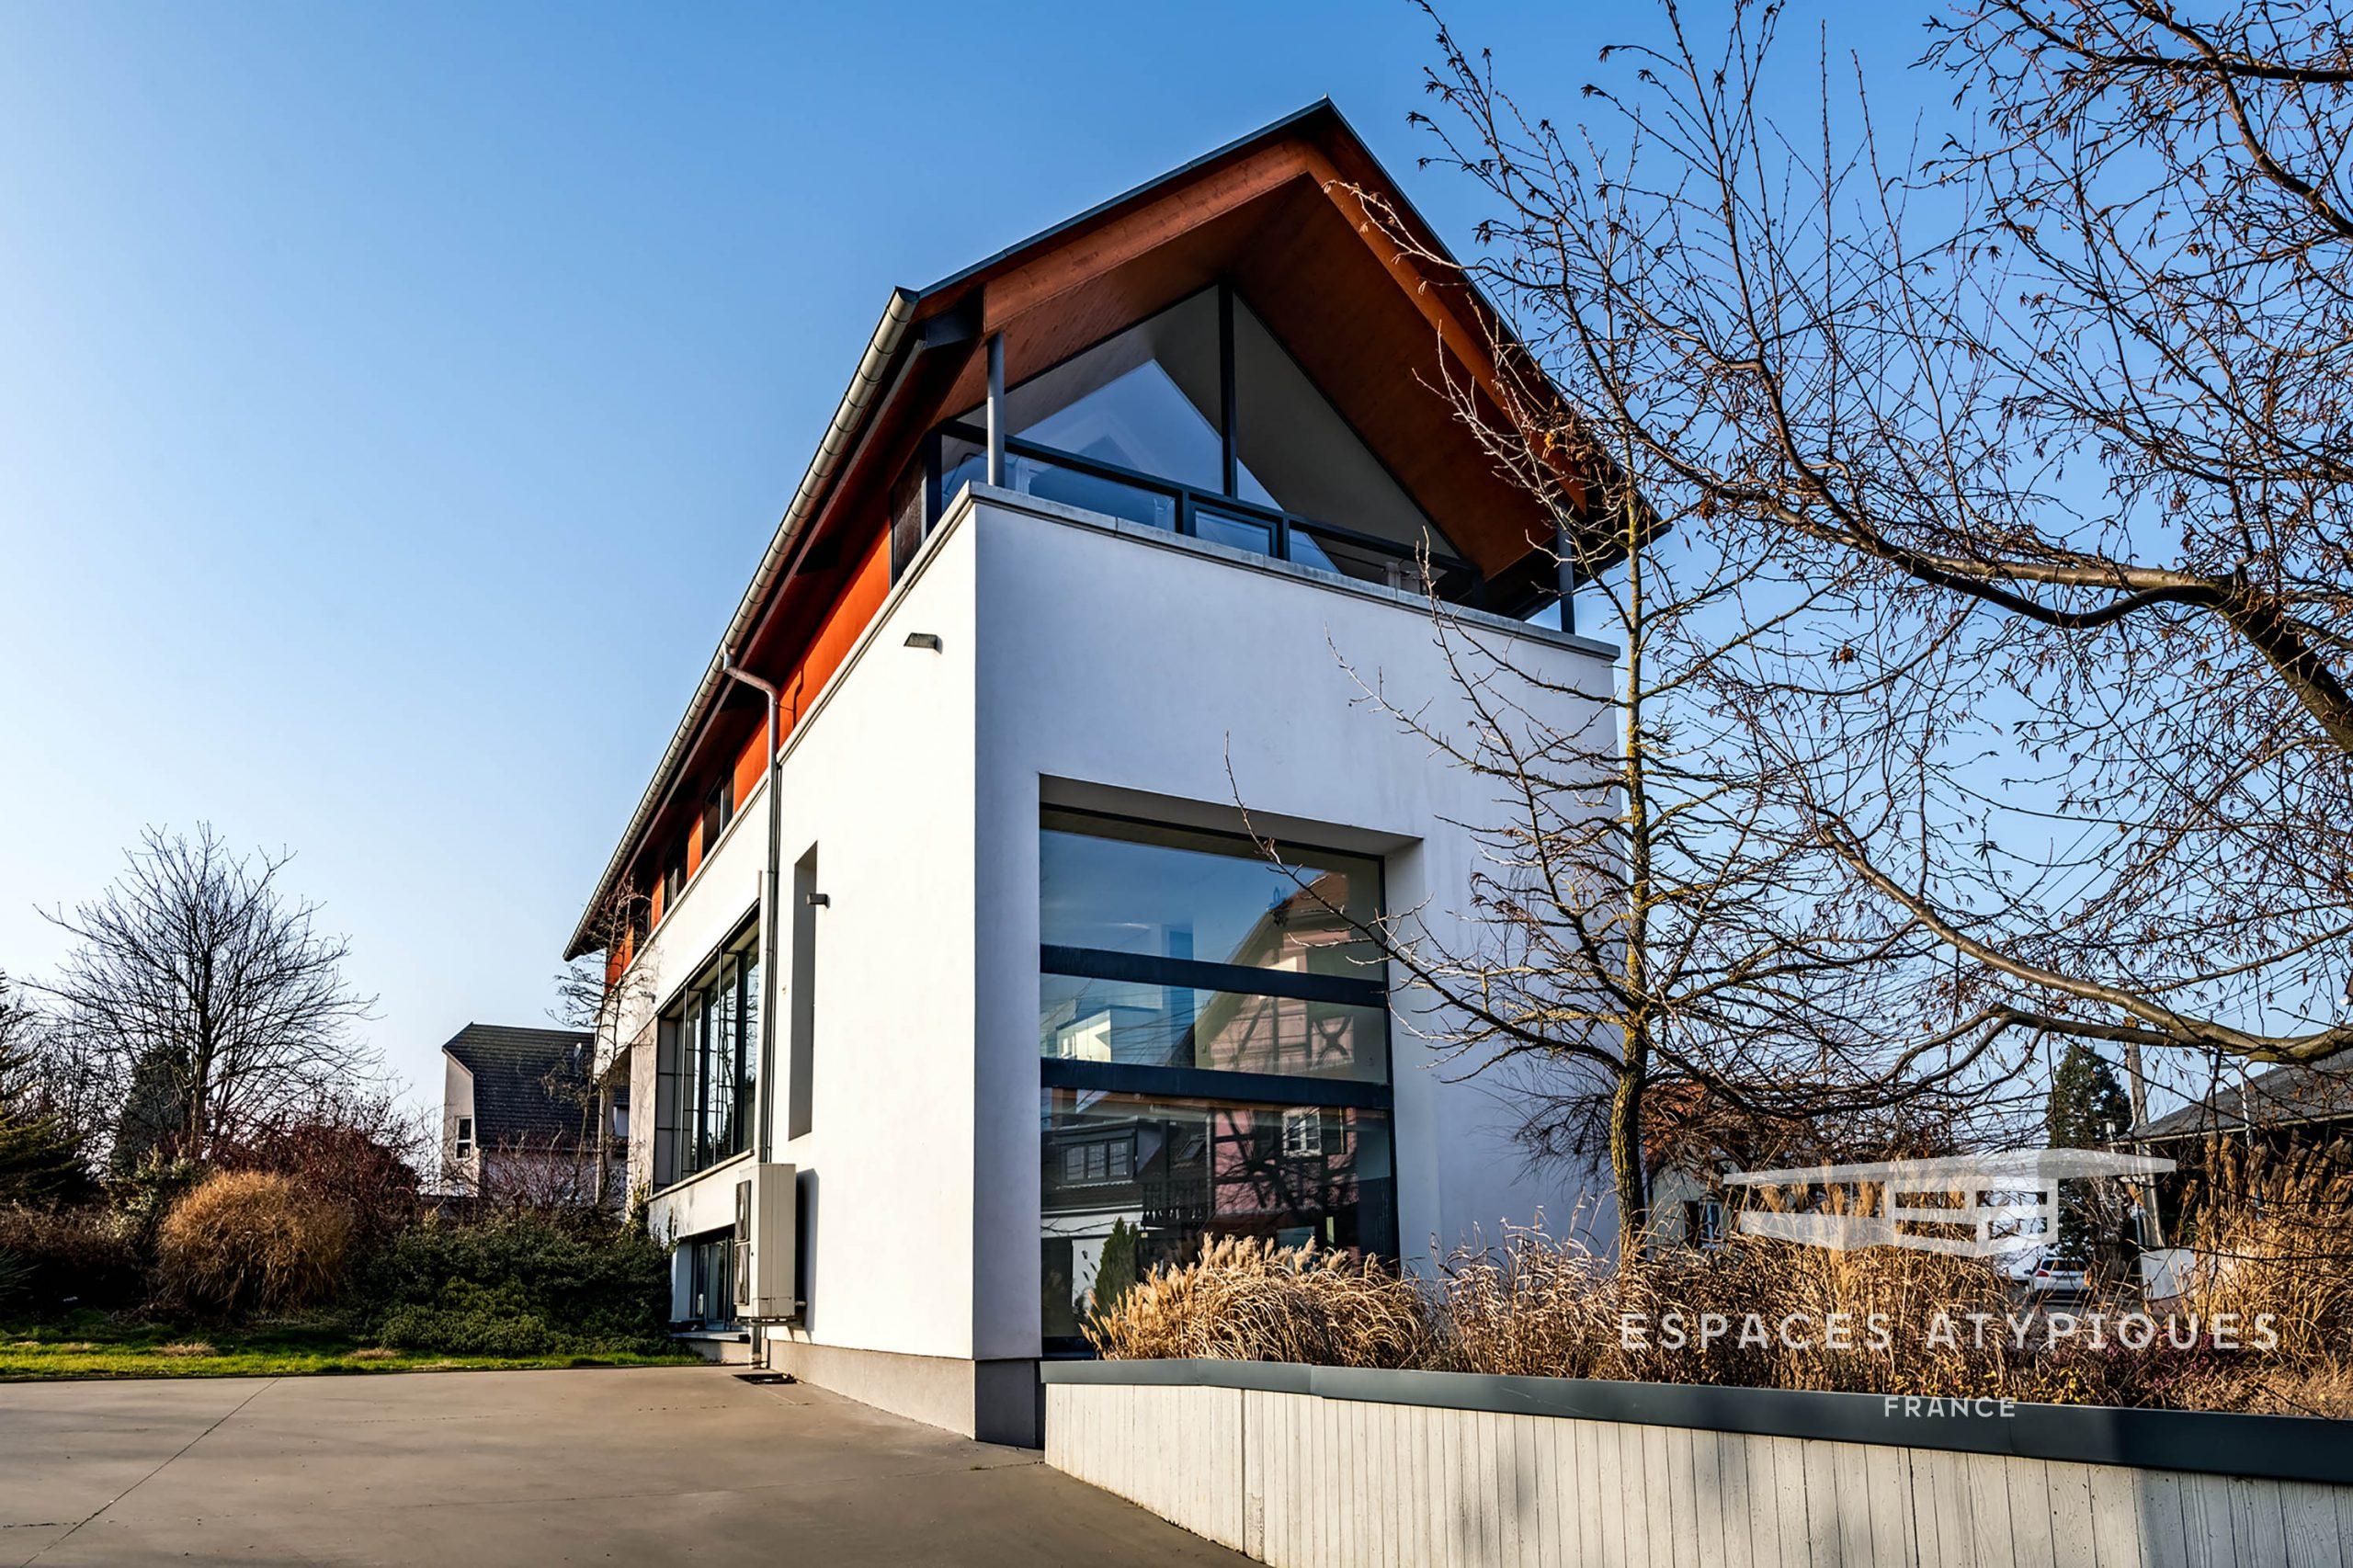 Espaces Atypiques Strasbourg : Loft Terrasse Maison D ... concernant Location Maison Jardin Toulouse